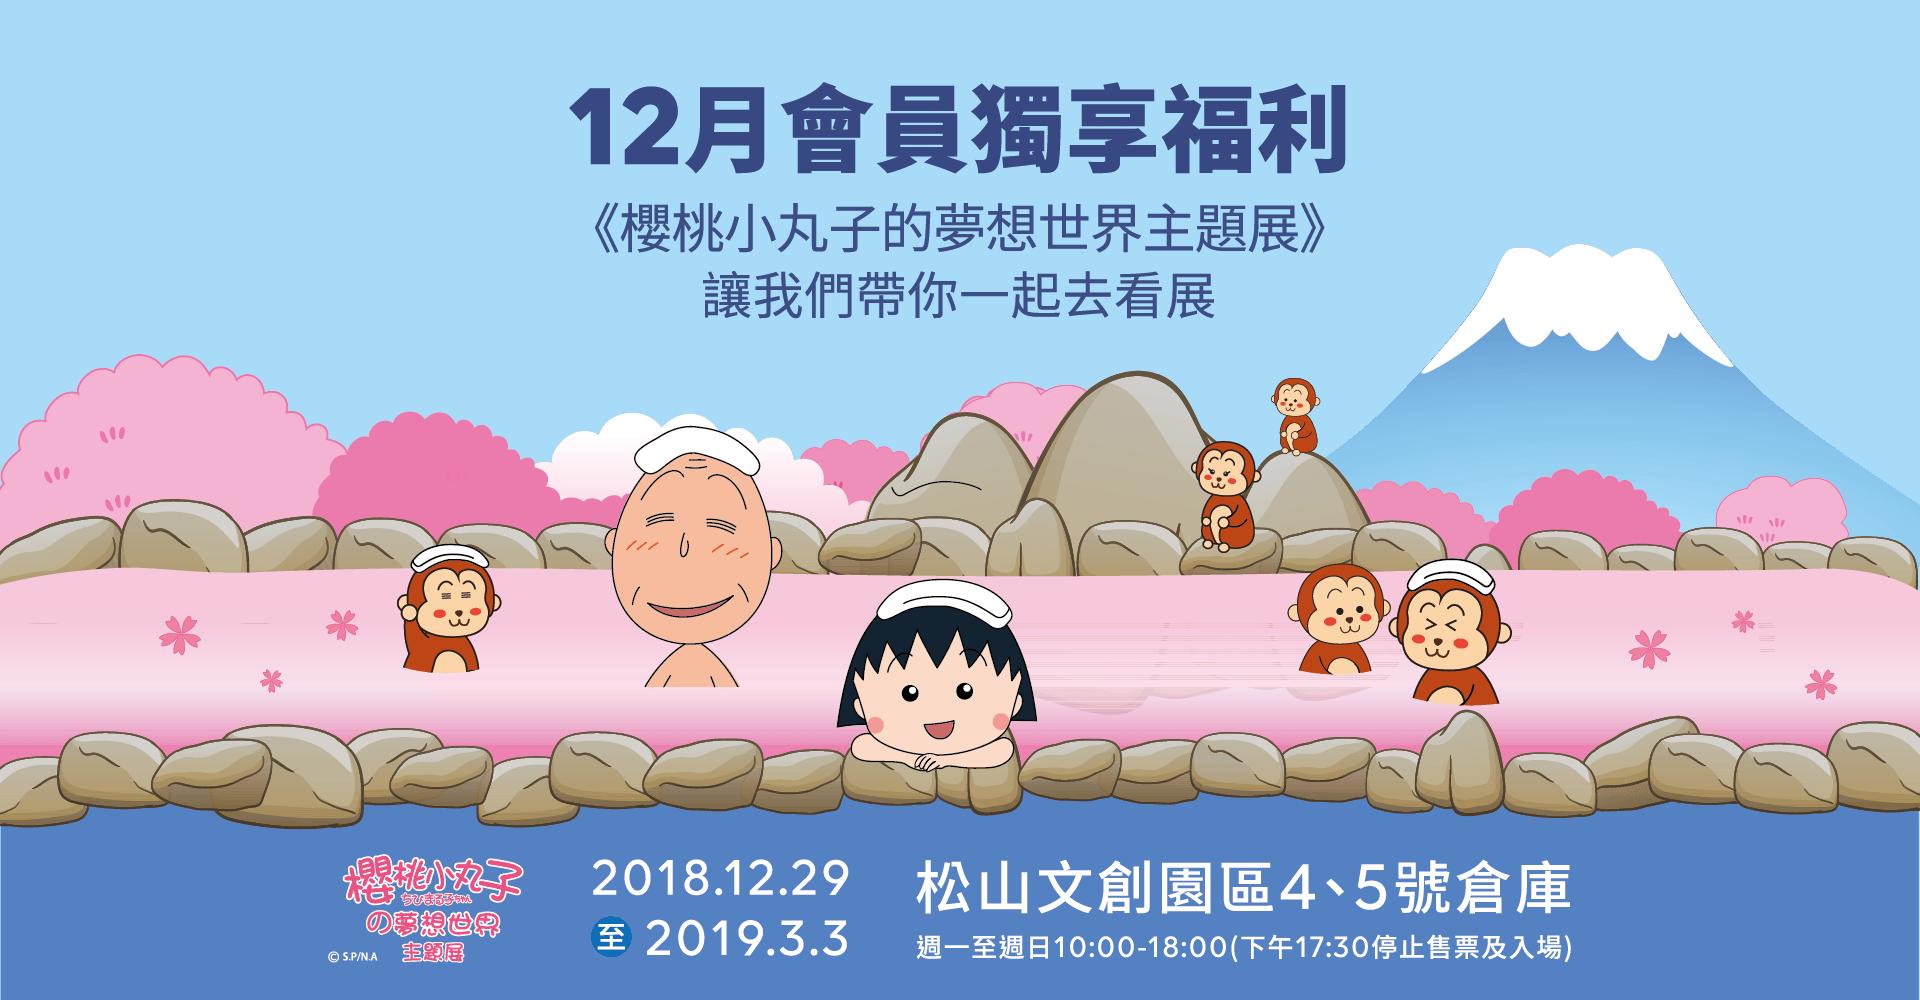 櫻桃小丸子的夢想世界主題展